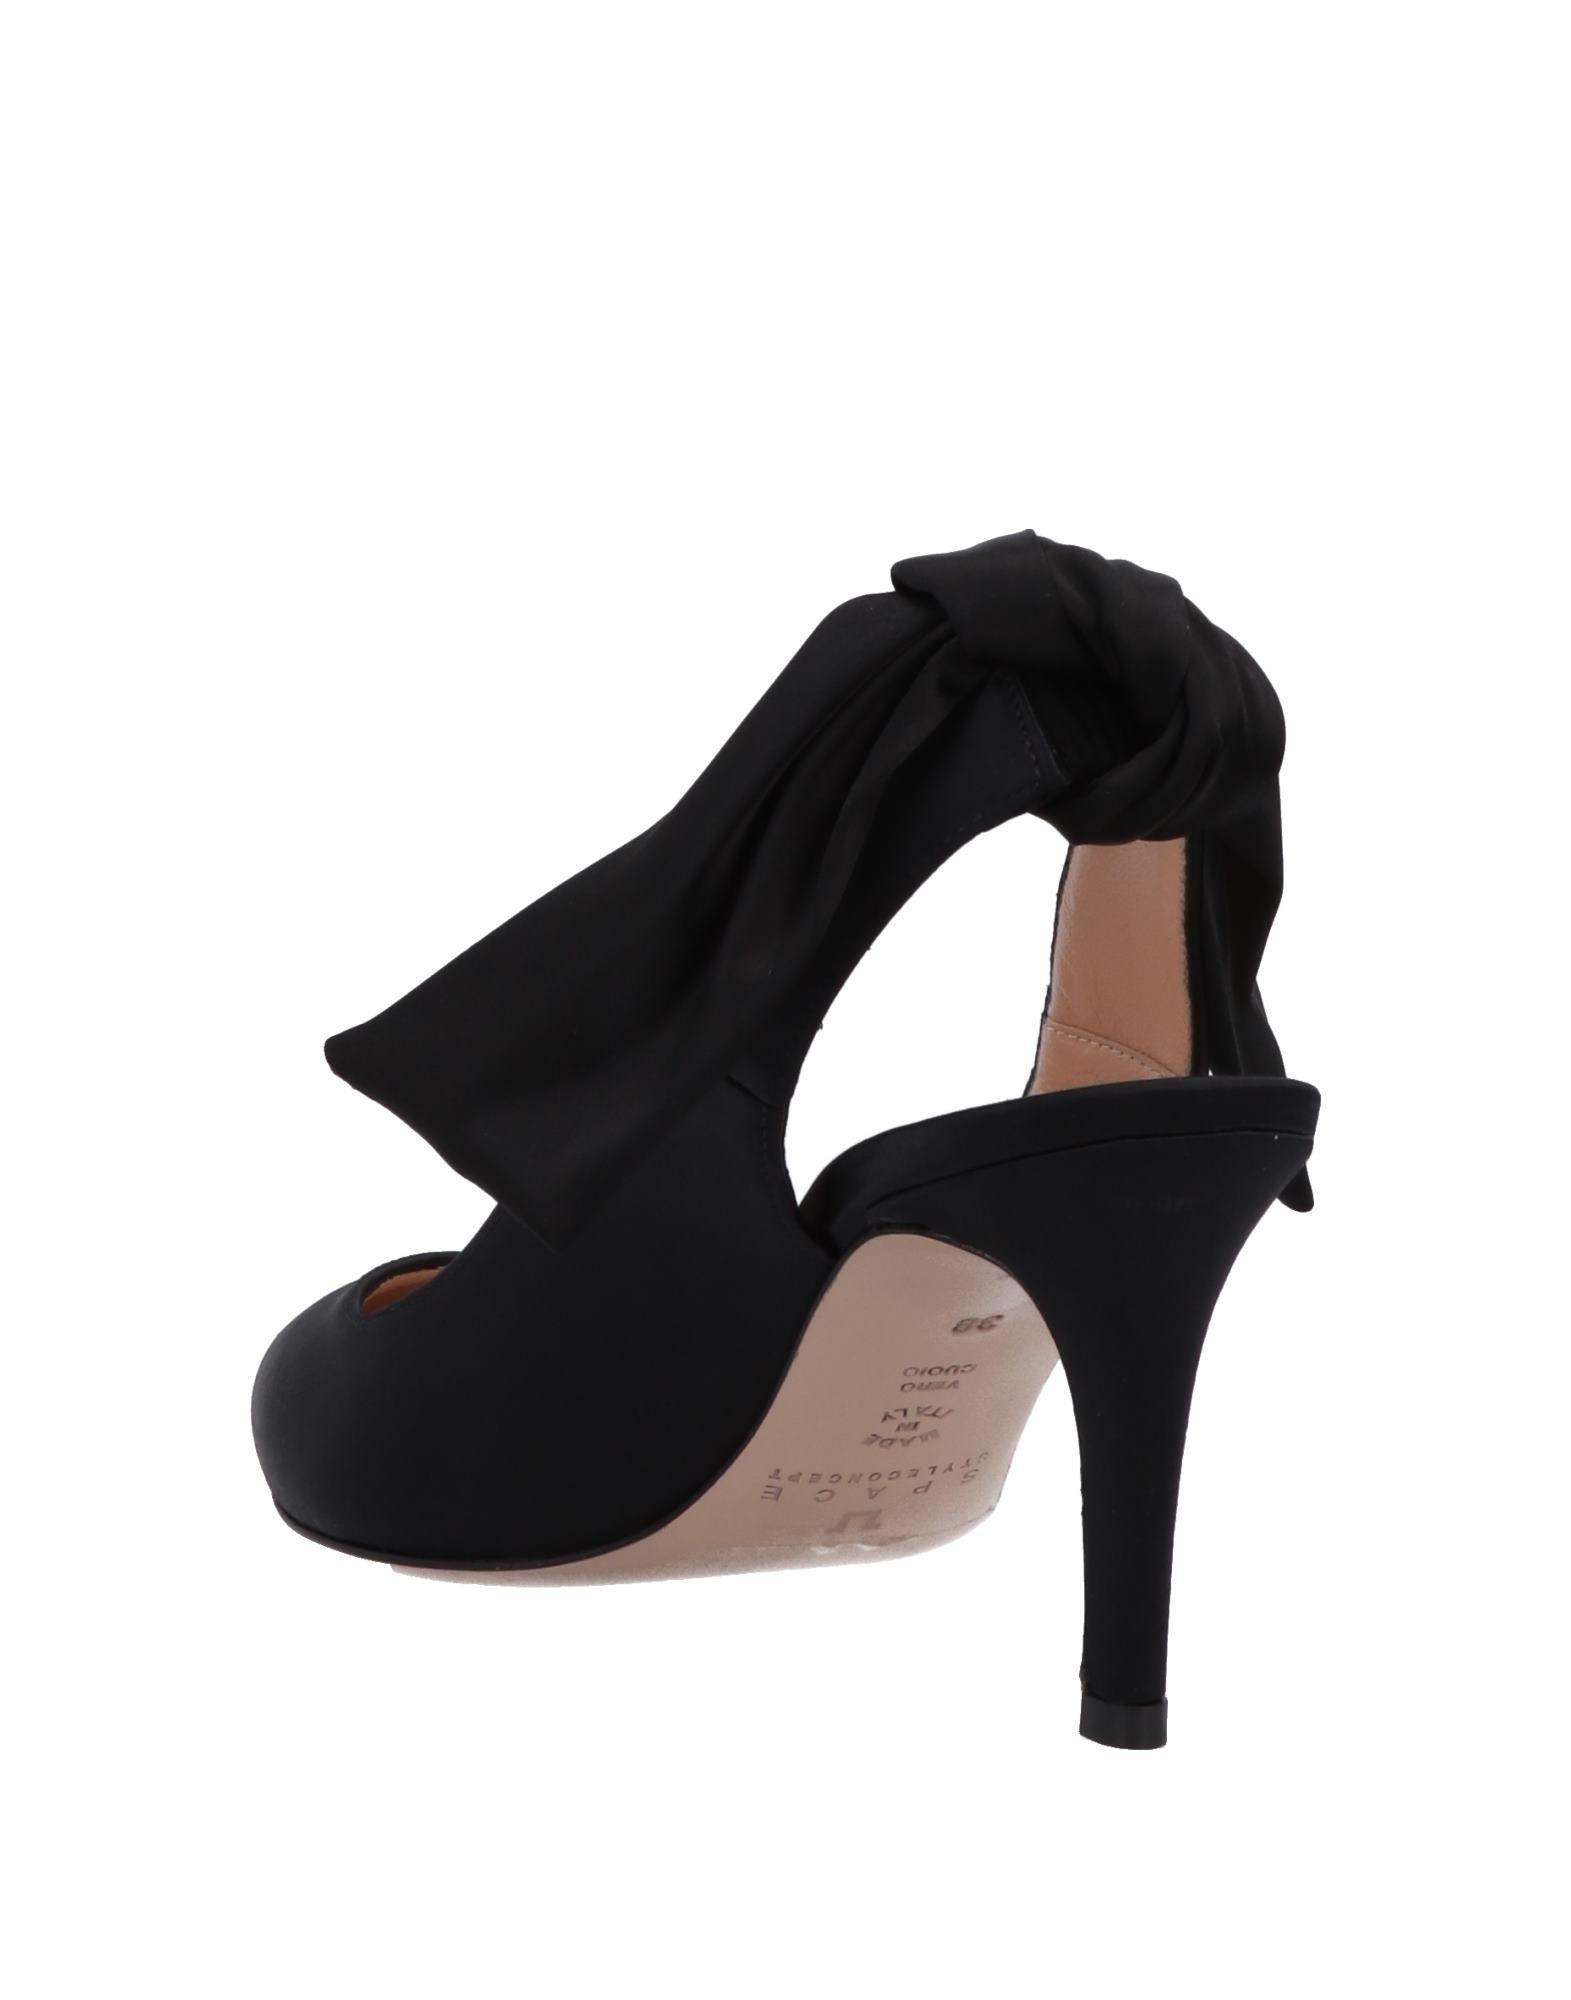 Zapatos de salón Space Style Concept de Raso de color Negro